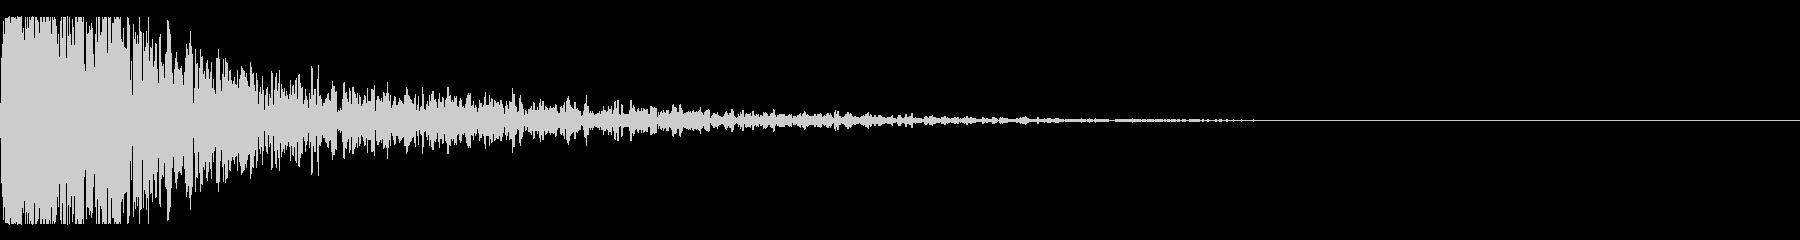 メタルヒット、シネマティック、ベルの未再生の波形